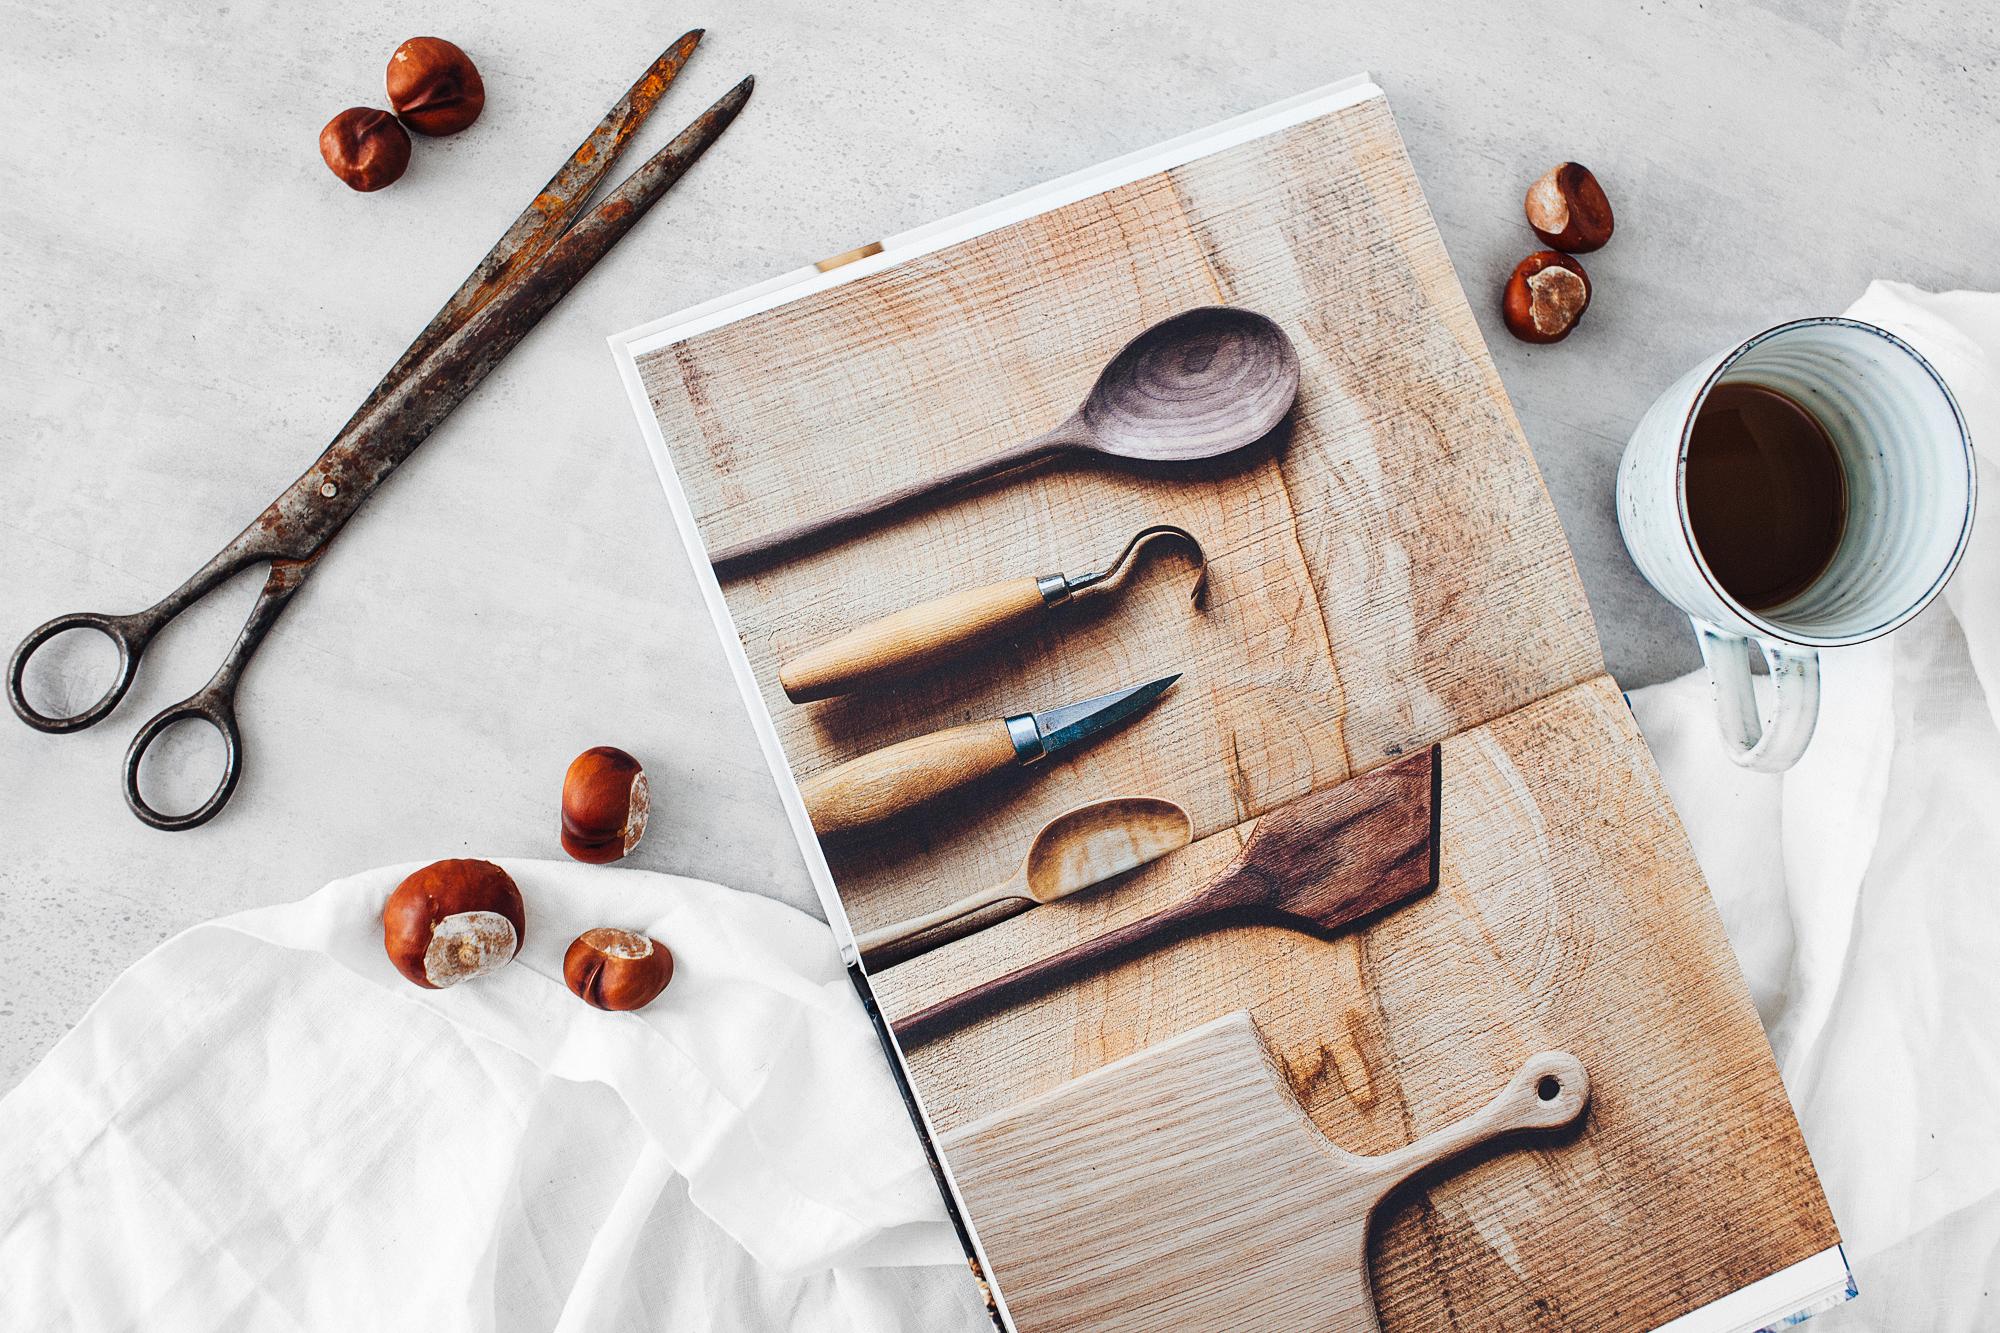 Tälja och snida i trä, verktyg